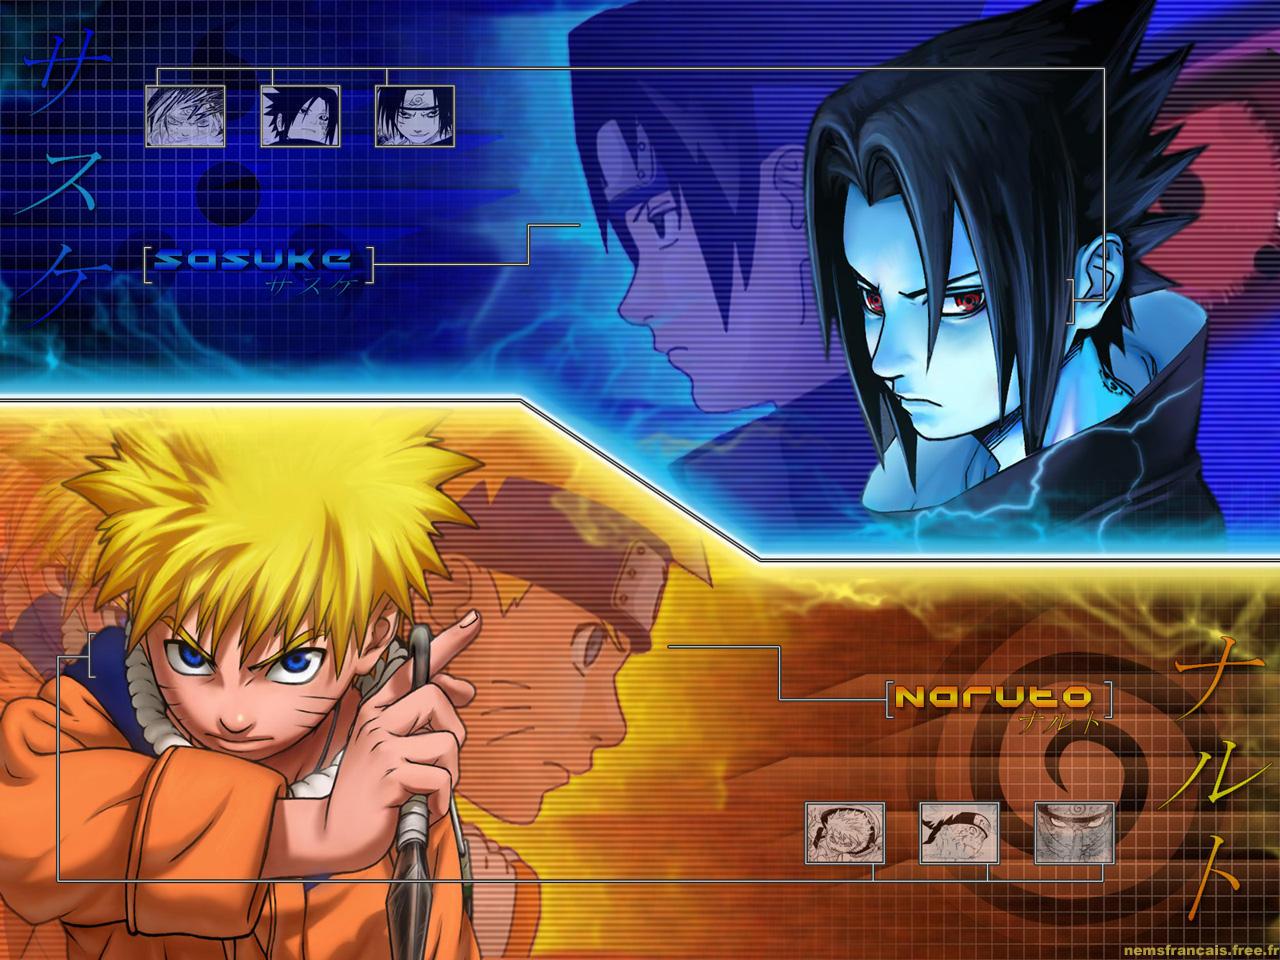 Wallpaper de naruto vs sasuke taringa - Naruto as sasuke ...